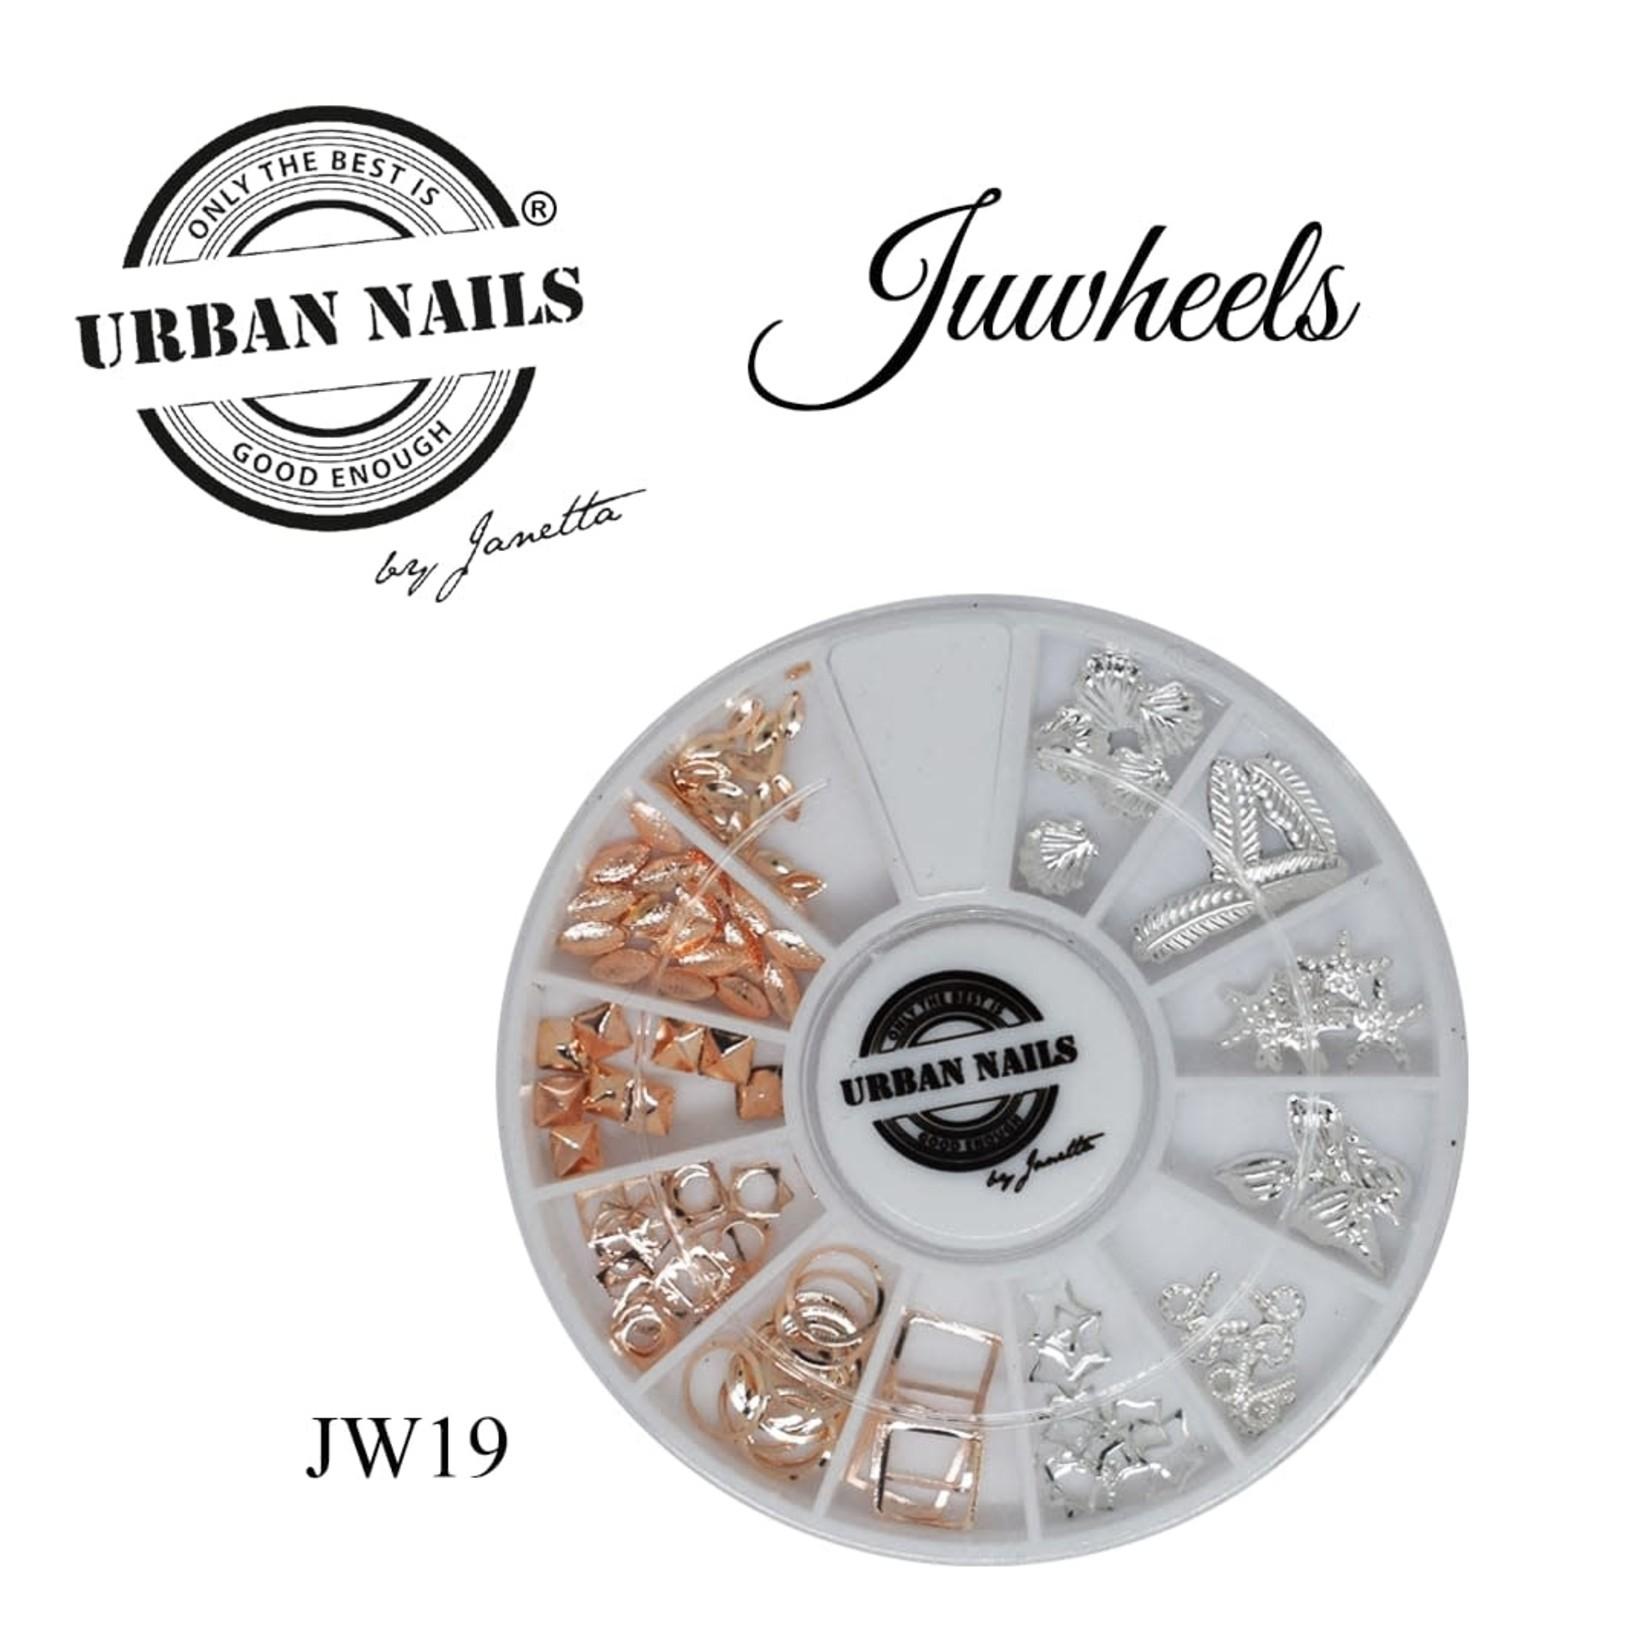 Urban Nails Juwheels JW19 Mix